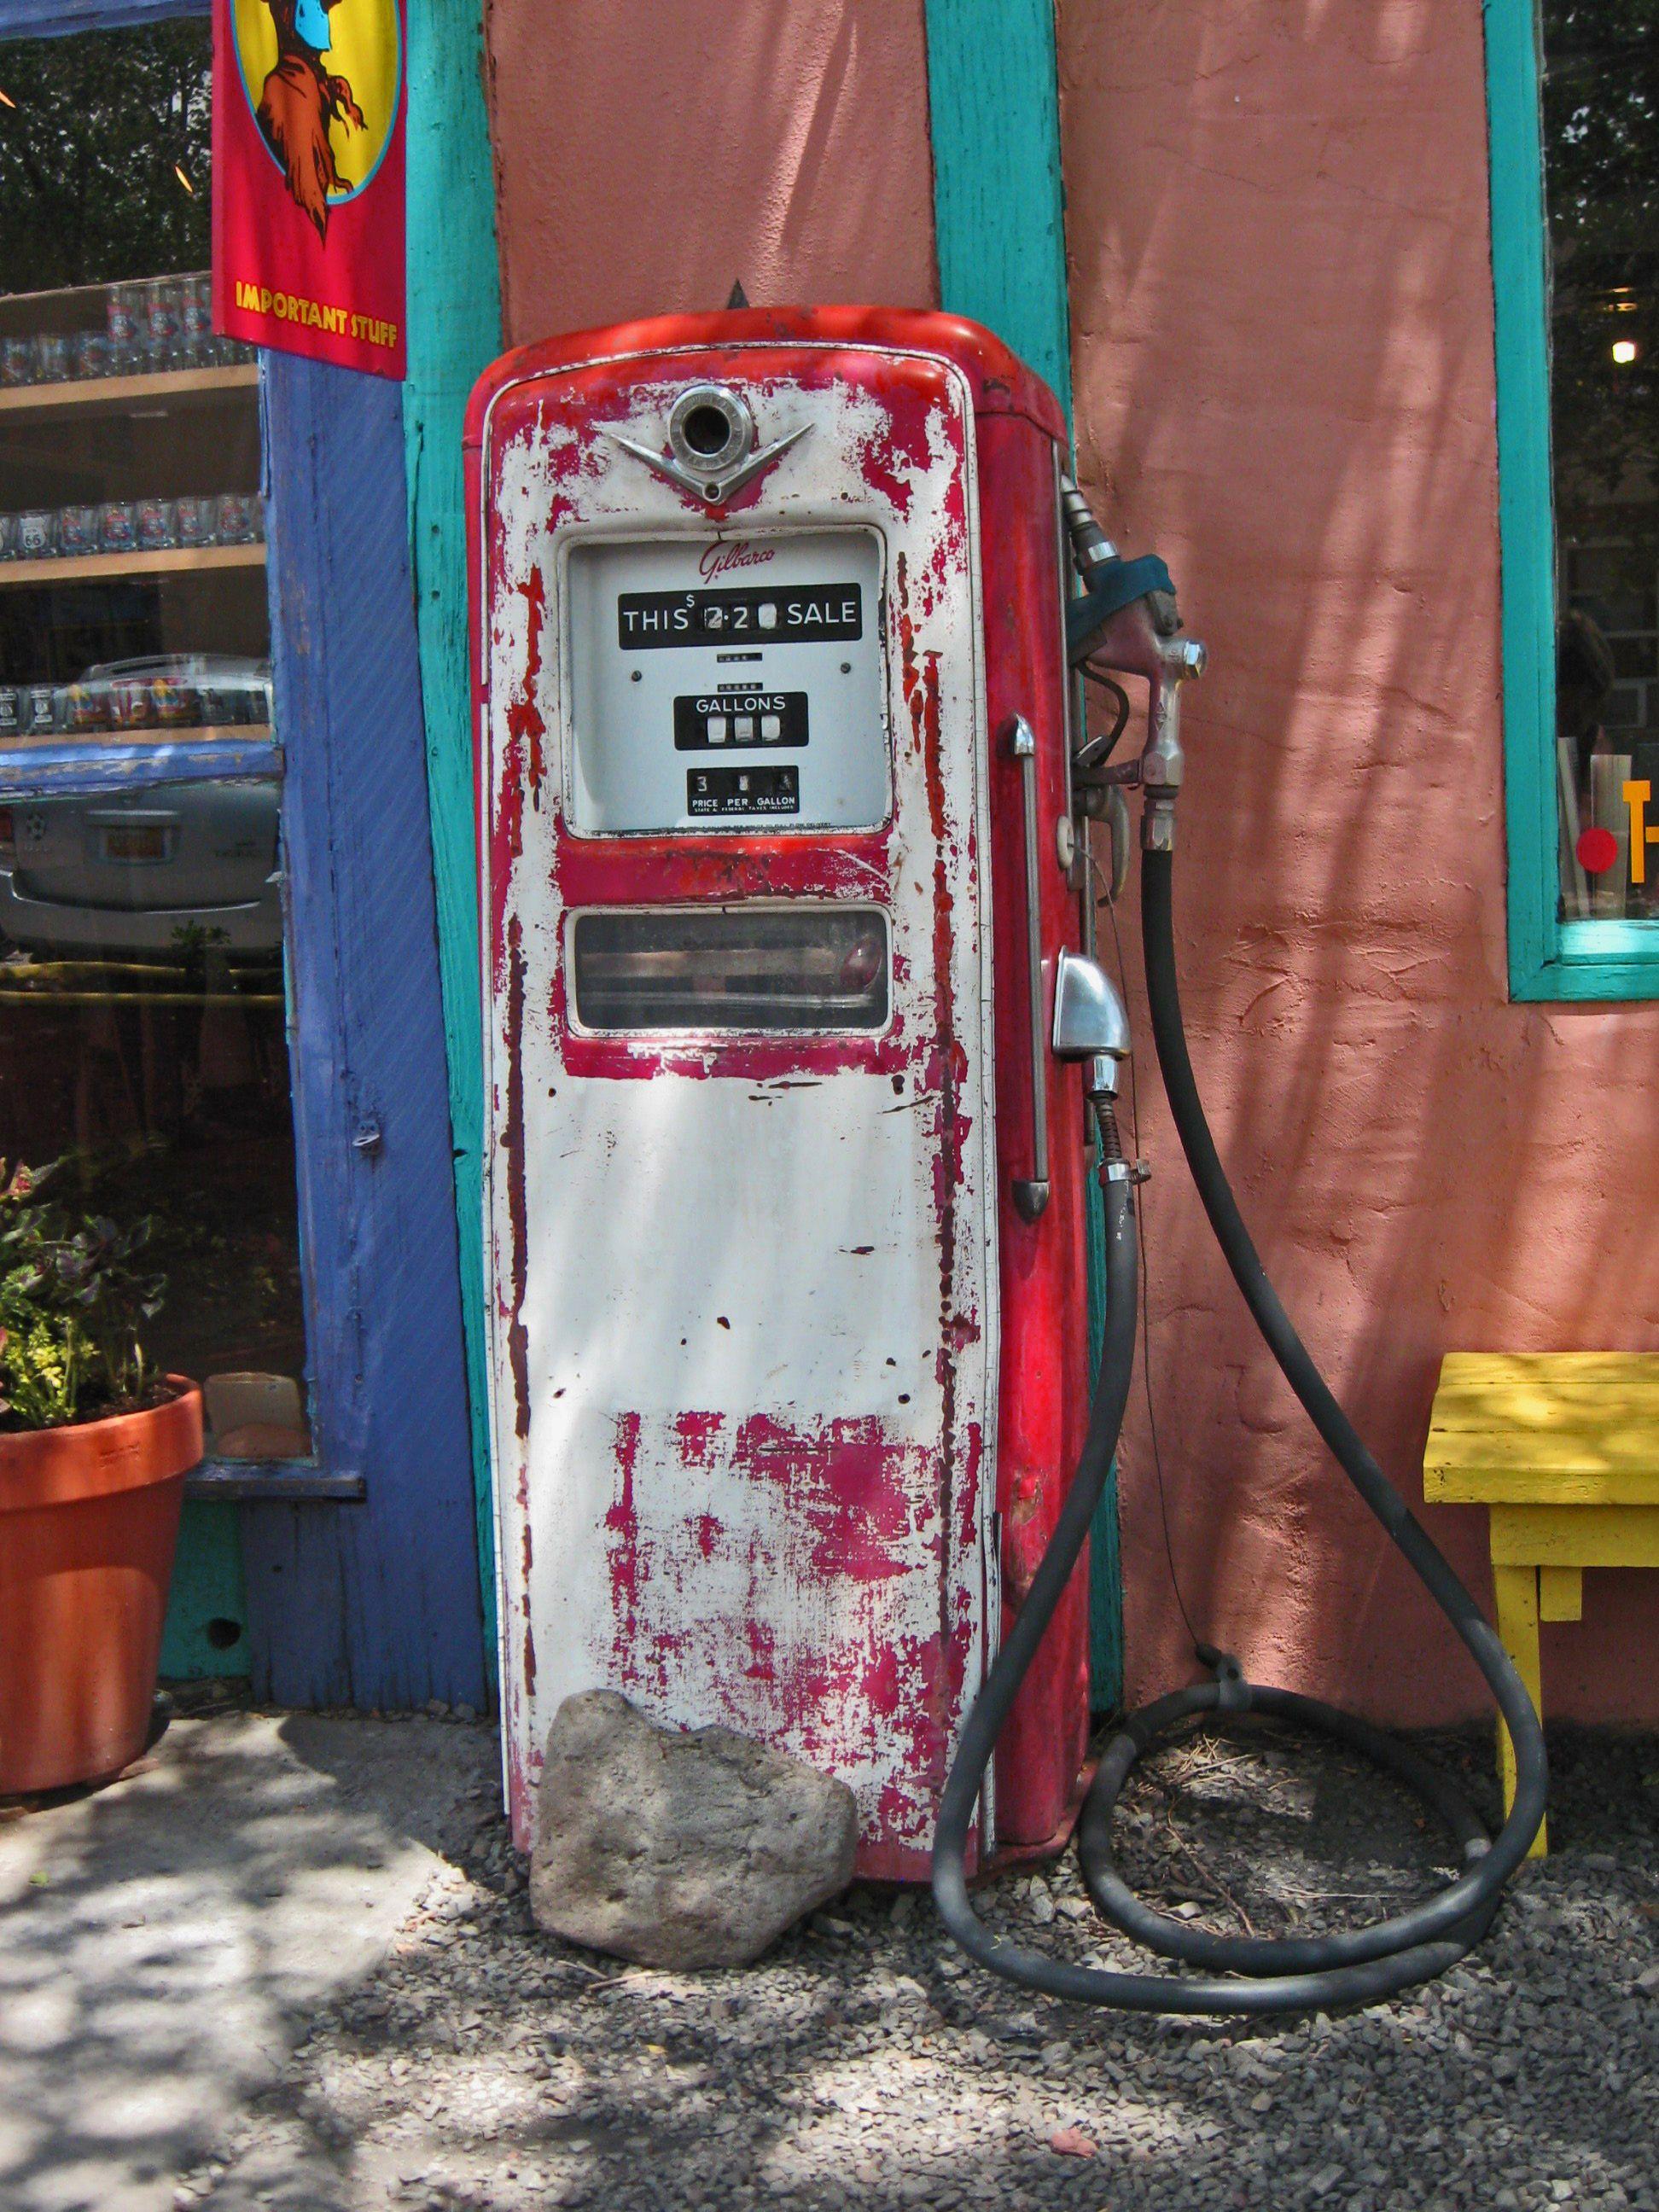 Vintage gas pump in Madrid, NM.